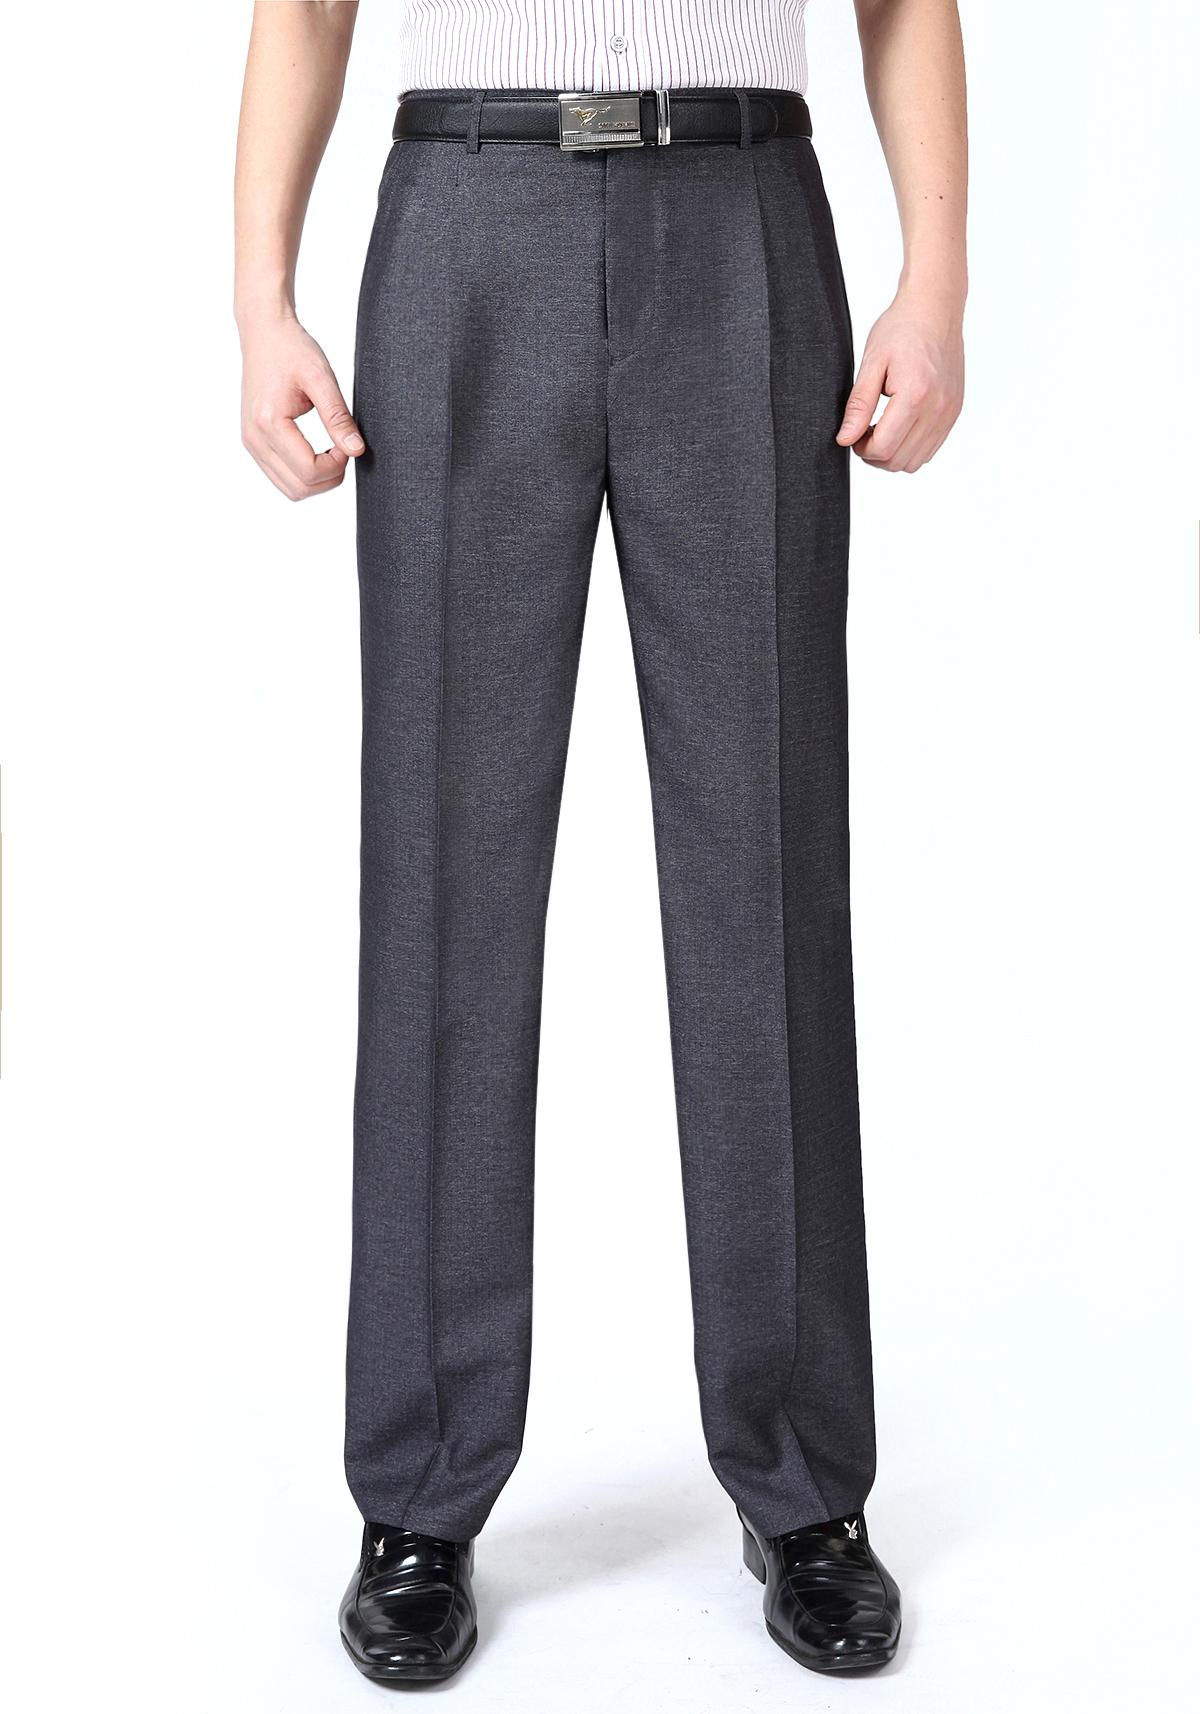 Mùa hè phần mỏng giữa và tuổi già đôi quần xếp li nam cộng với phân bón XL eo cao sâu tập tin lỏng phù hợp với quần chất béo quần nam